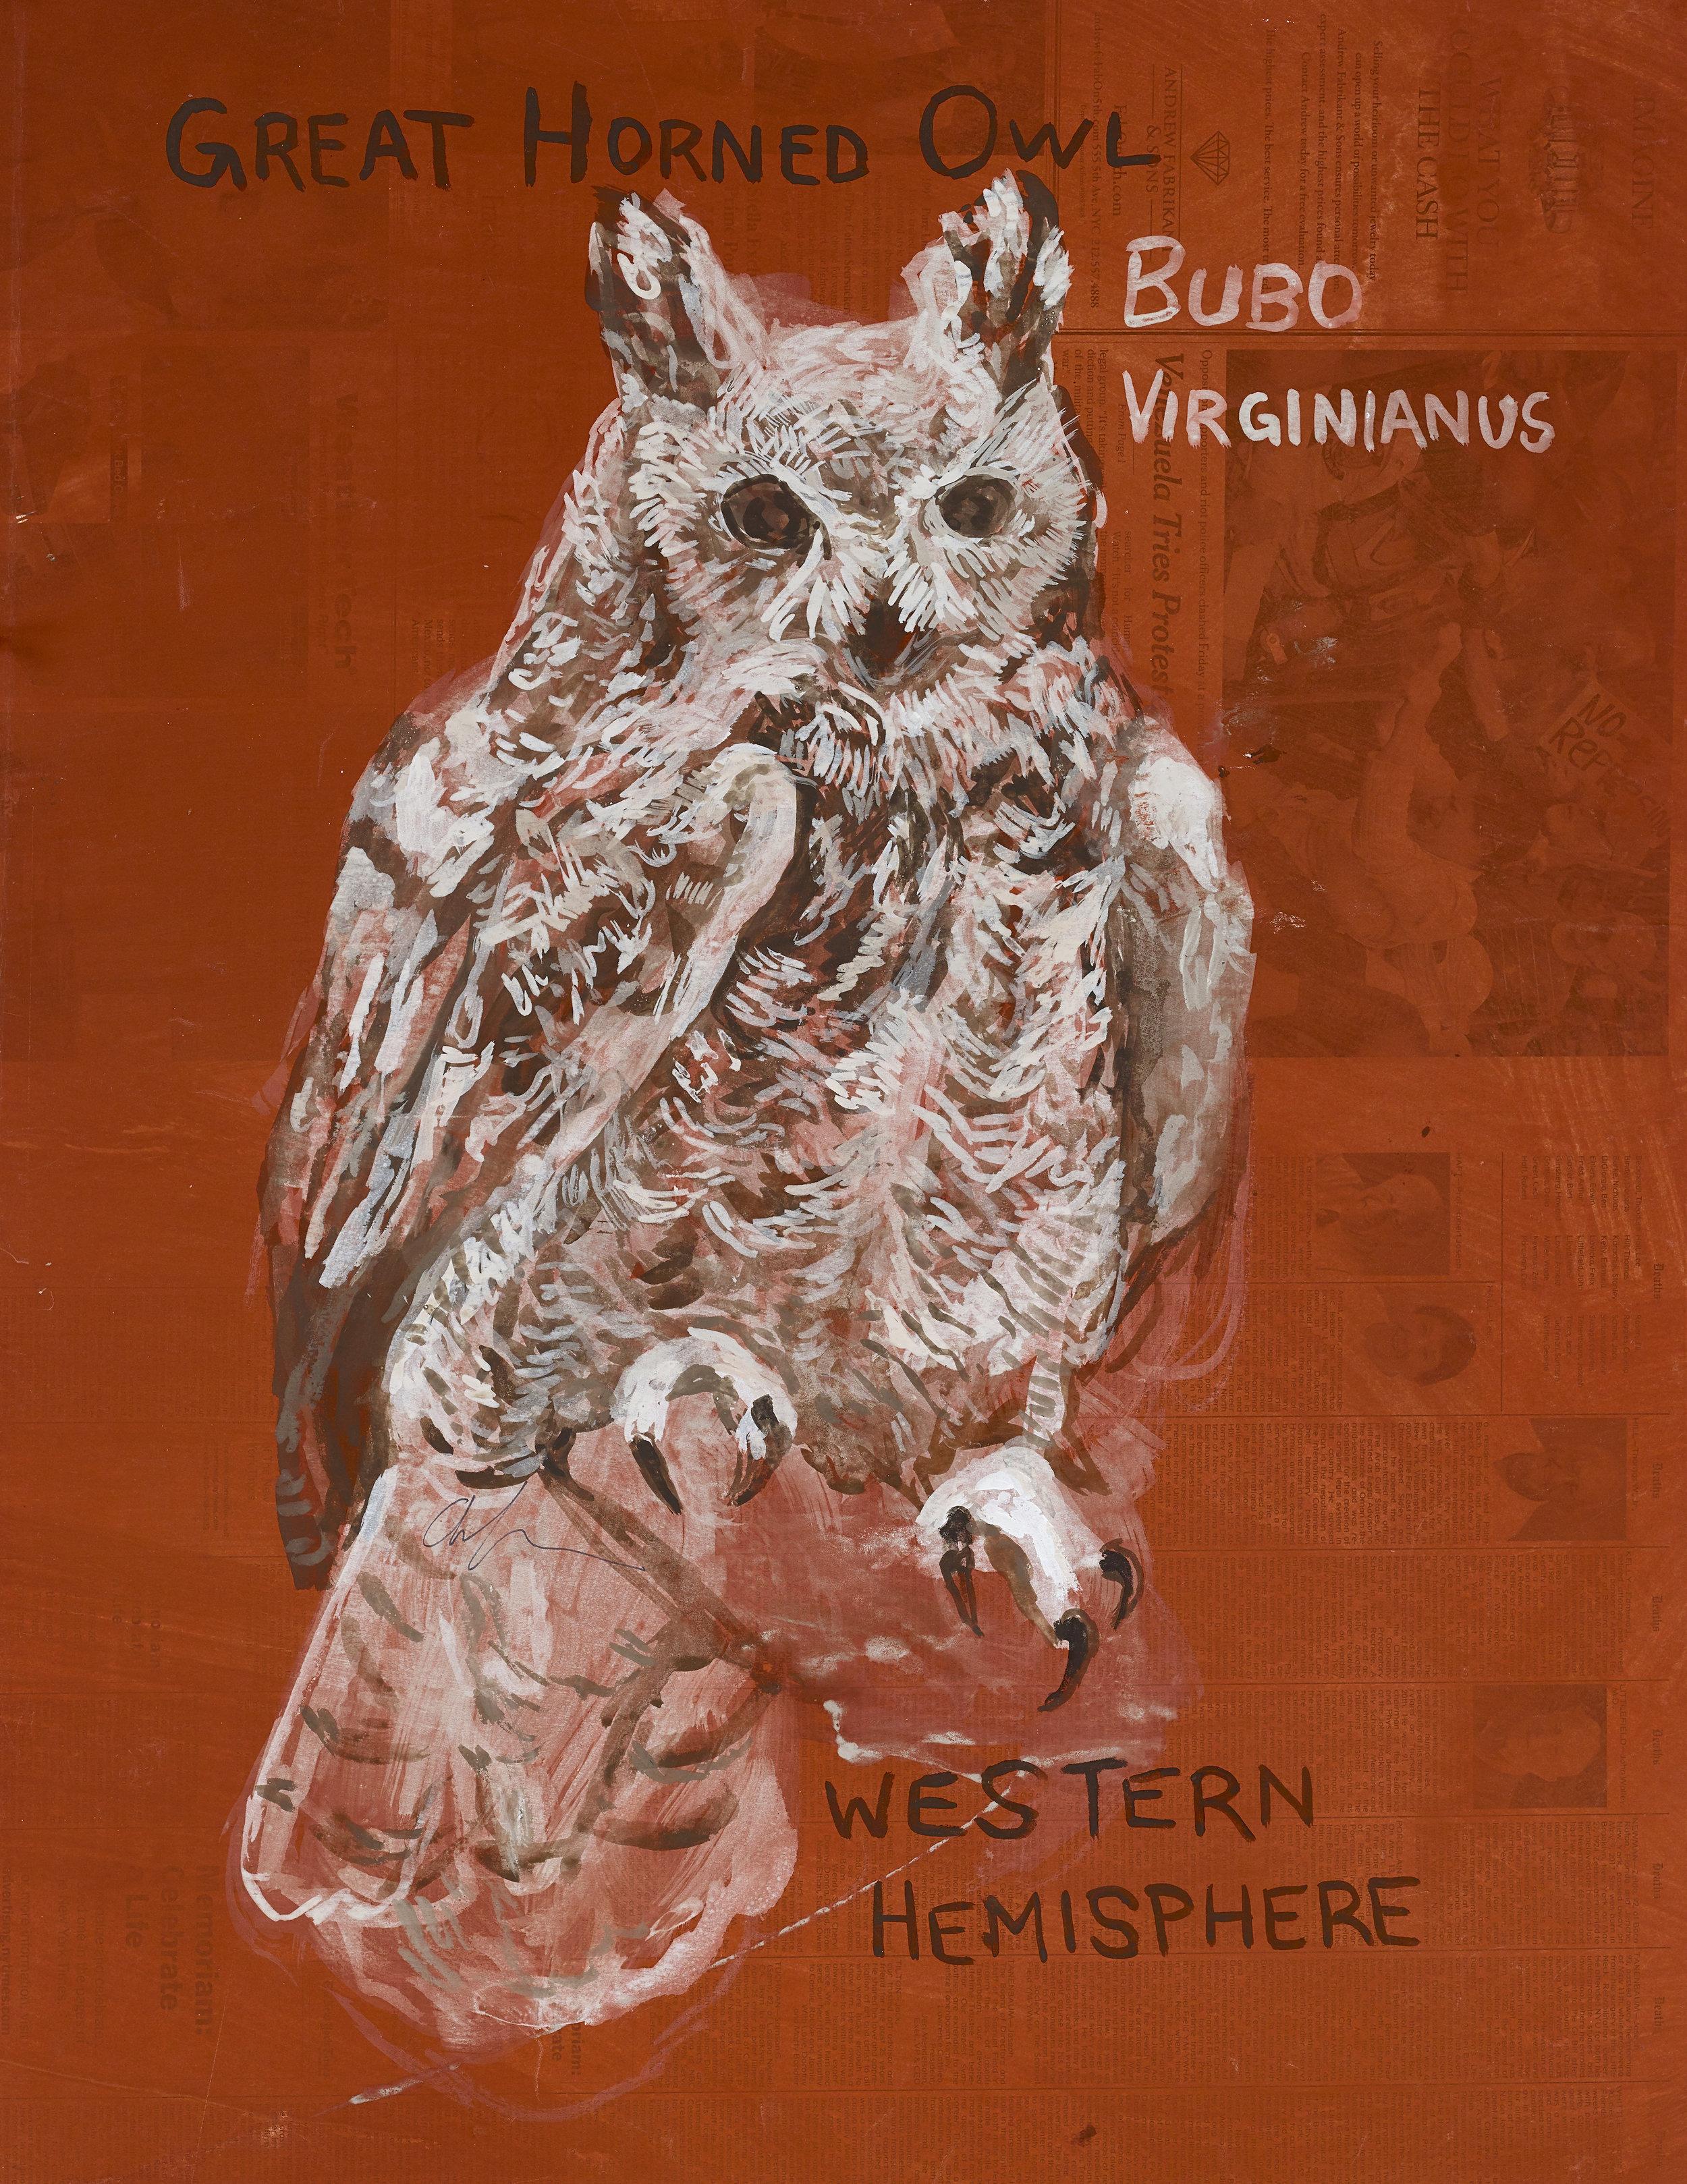 great horned owl resized.jpeg